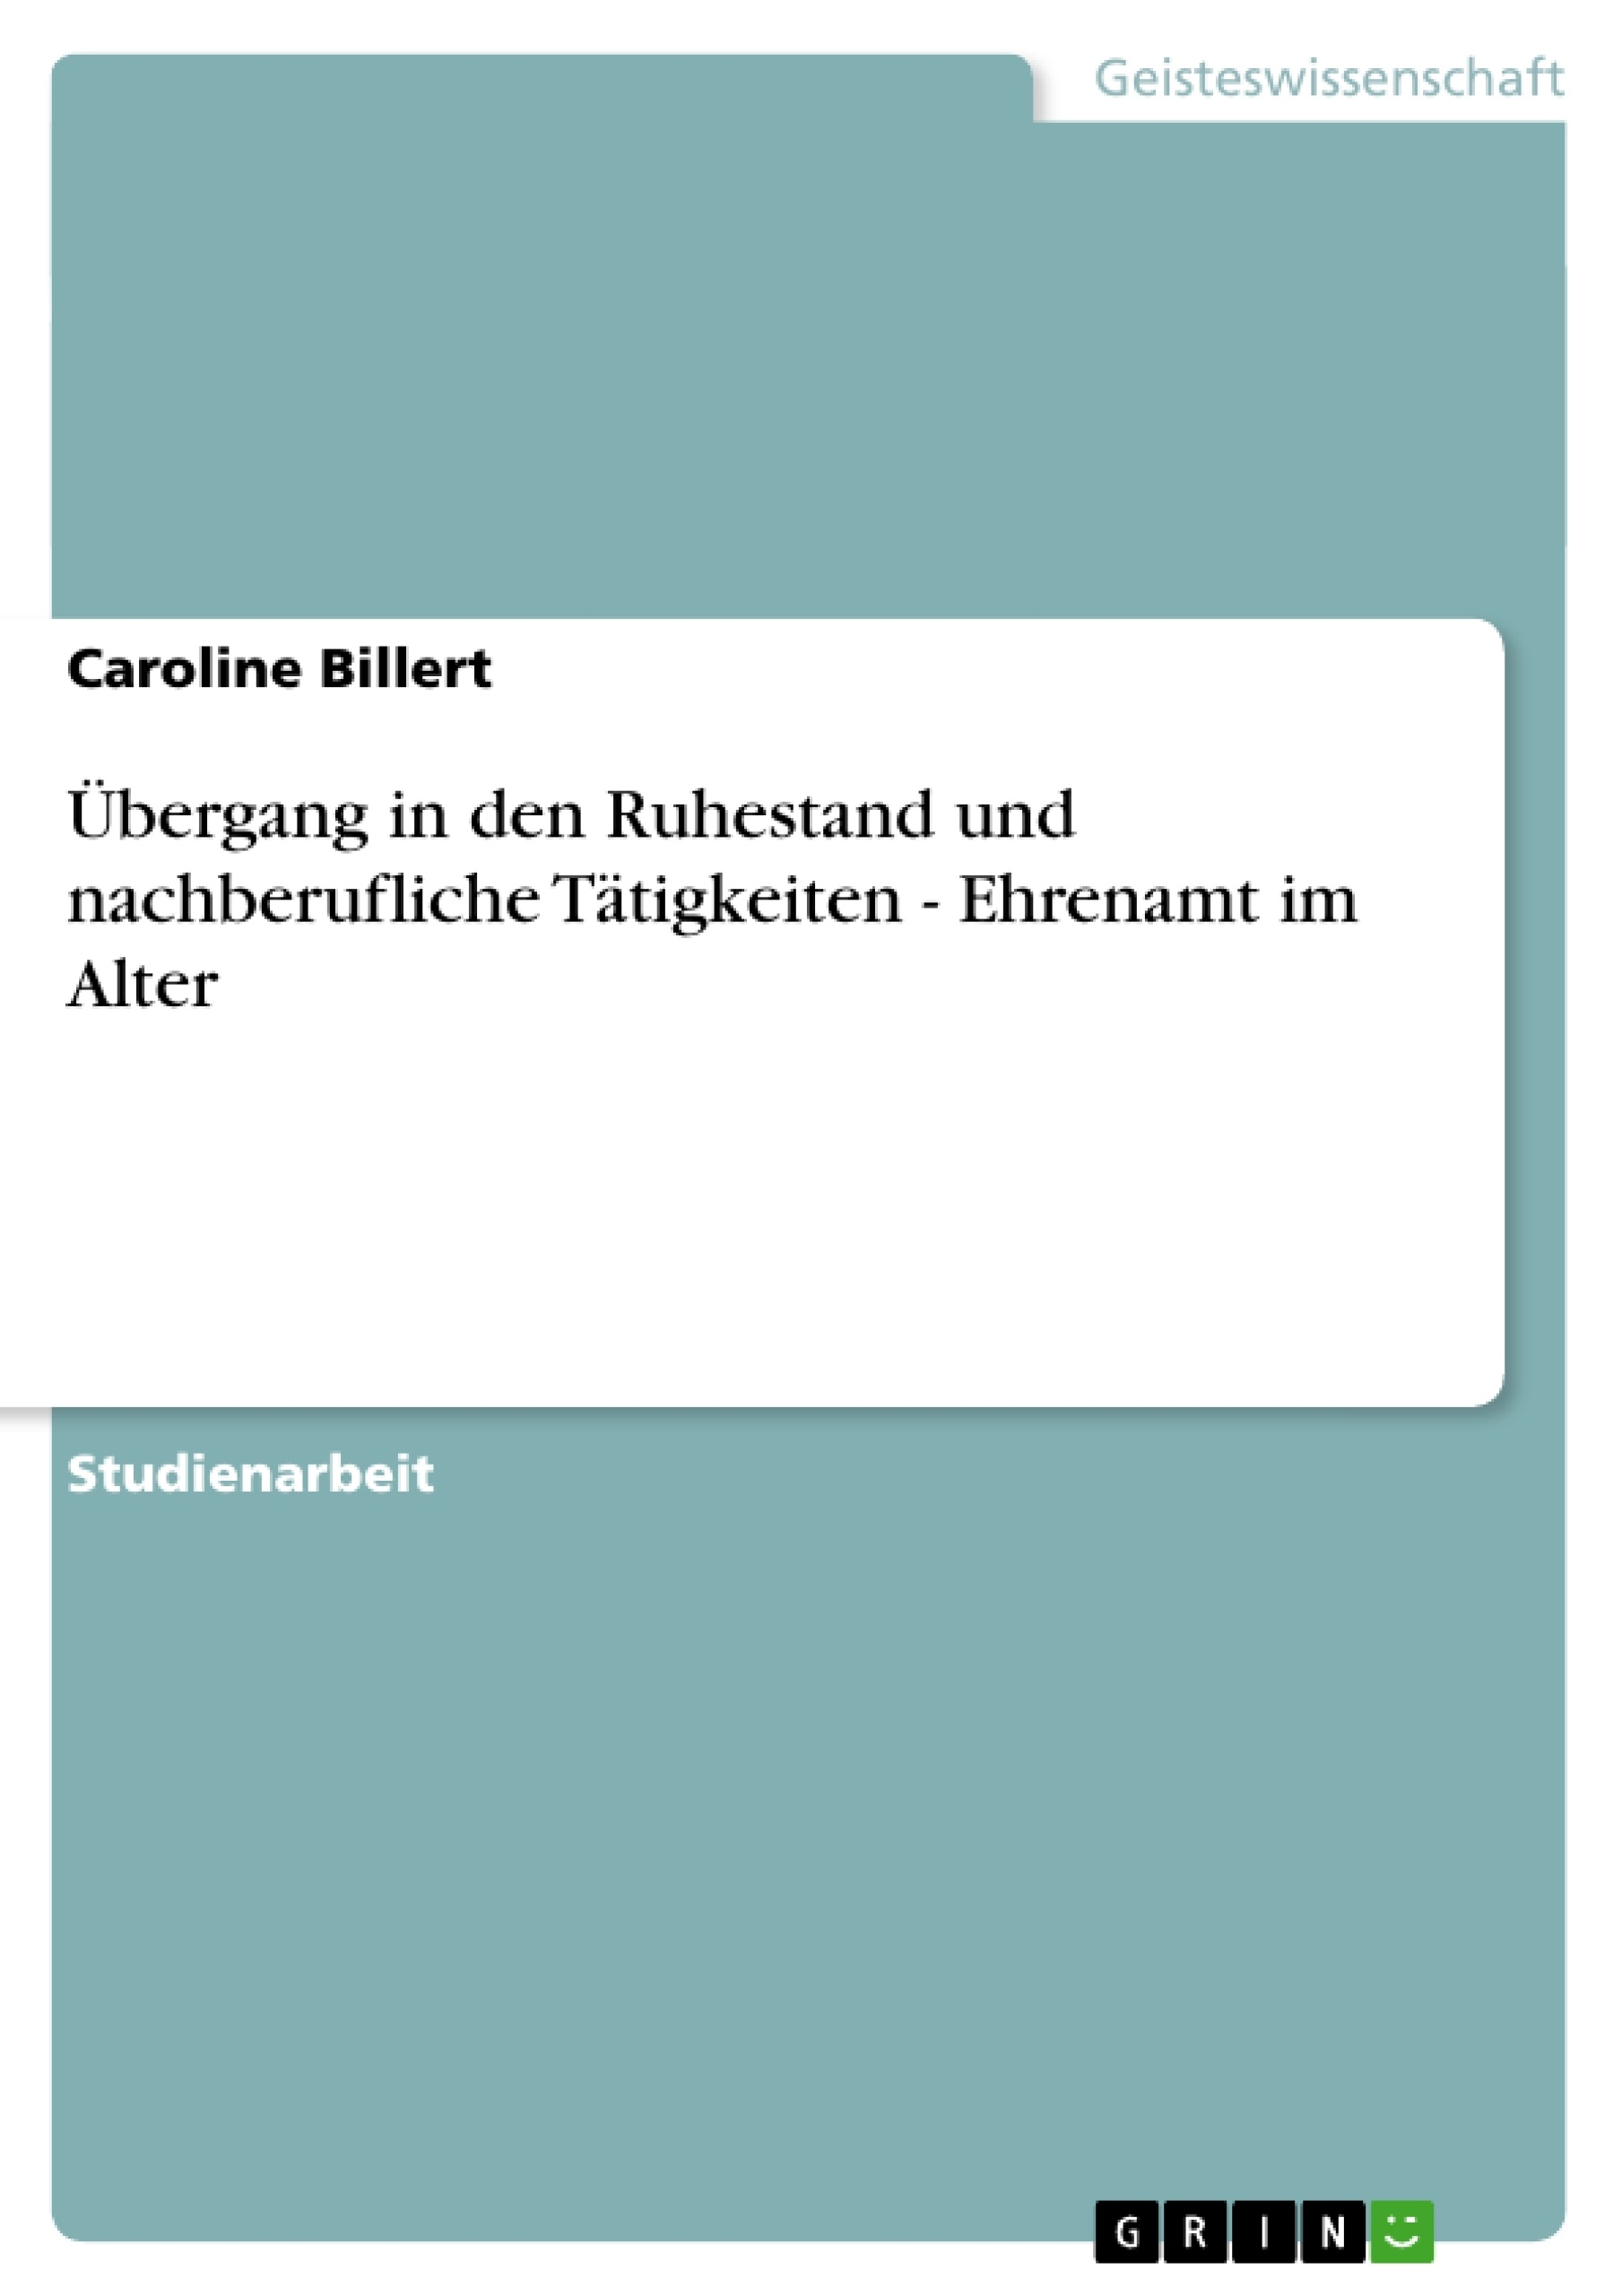 Titel: Übergang in den Ruhestand und nachberufliche Tätigkeiten - Ehrenamt im Alter